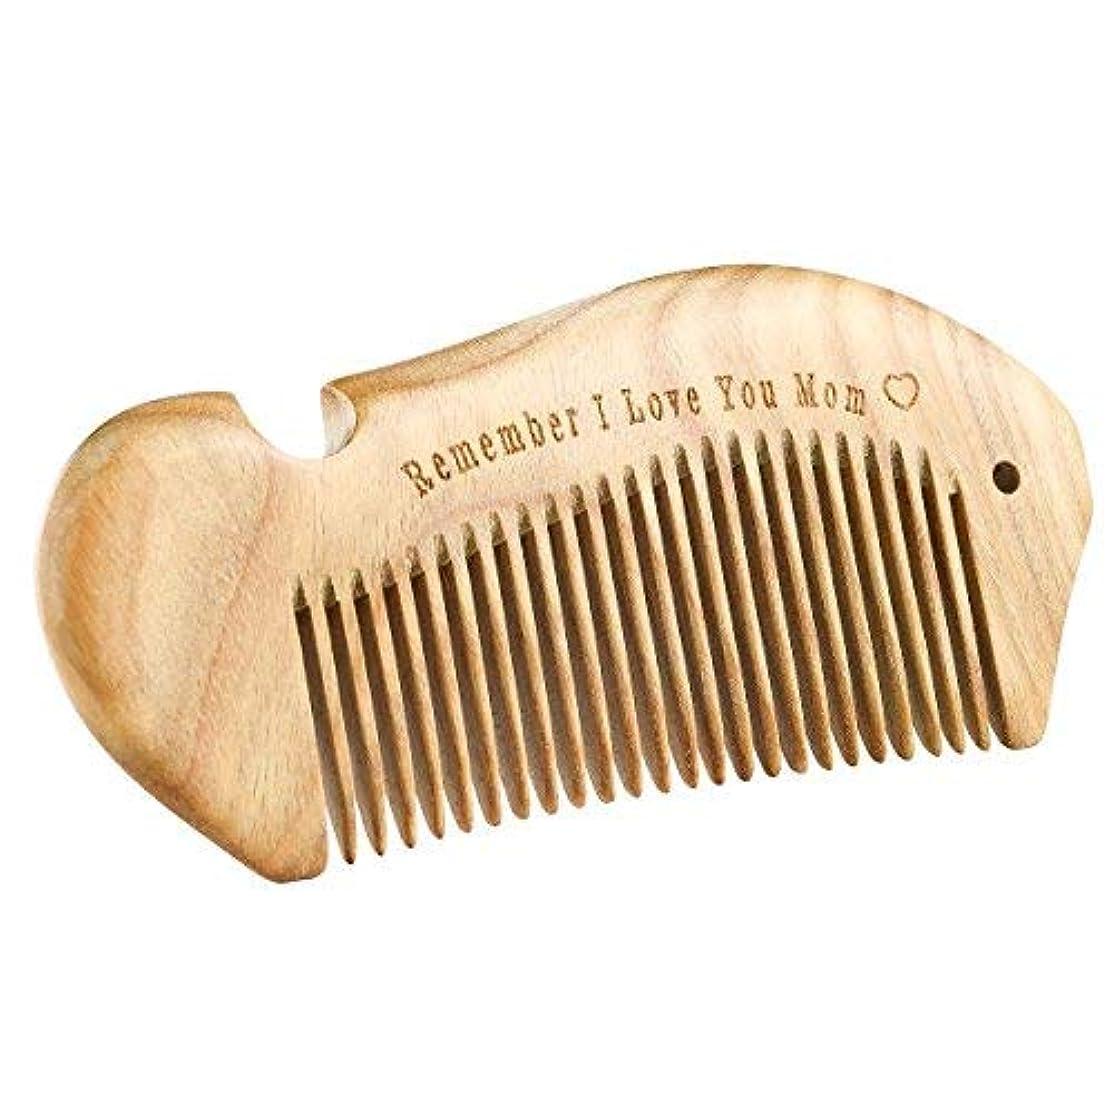 株式会社対応しないi.VALUX Handmade Sandalwood Hair Comb,No Static Natural Aroma Wood Comb for Curly Hair [並行輸入品]